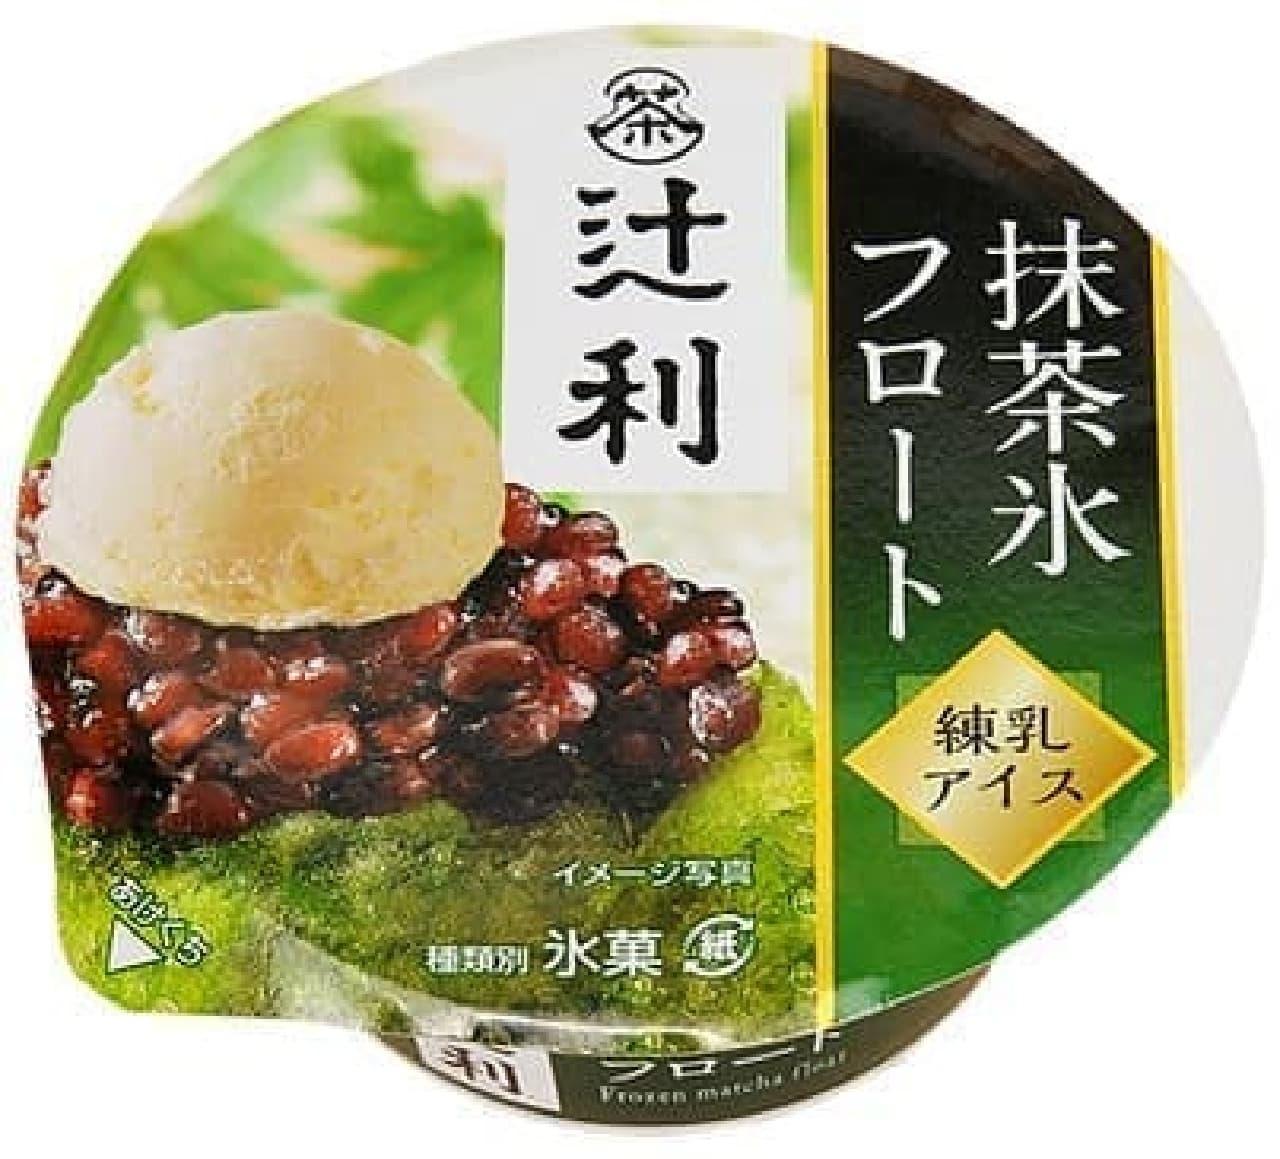 ファミリーマート「辻利抹茶氷フロート」